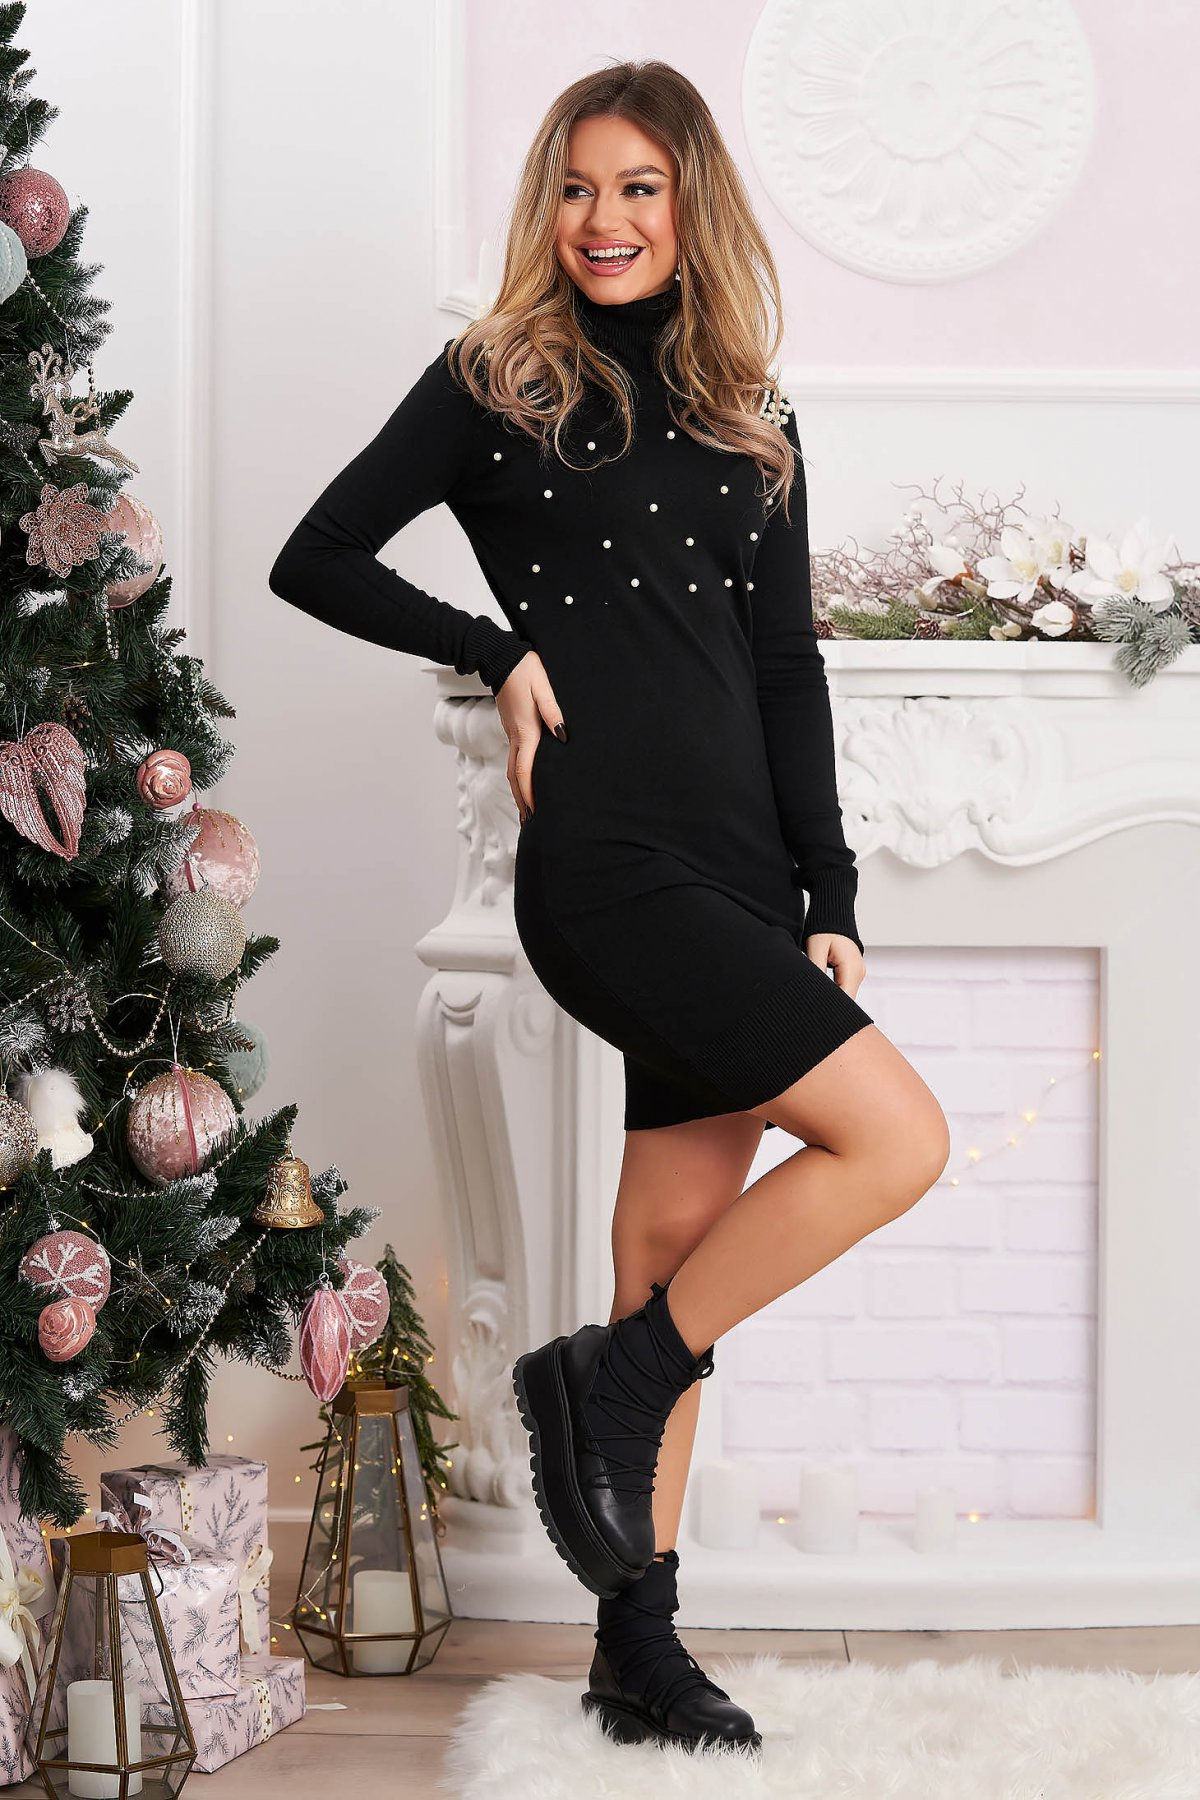 Rochie SunShine neagra tricotata scurta cu un croi mulat si aplicatii cu perle